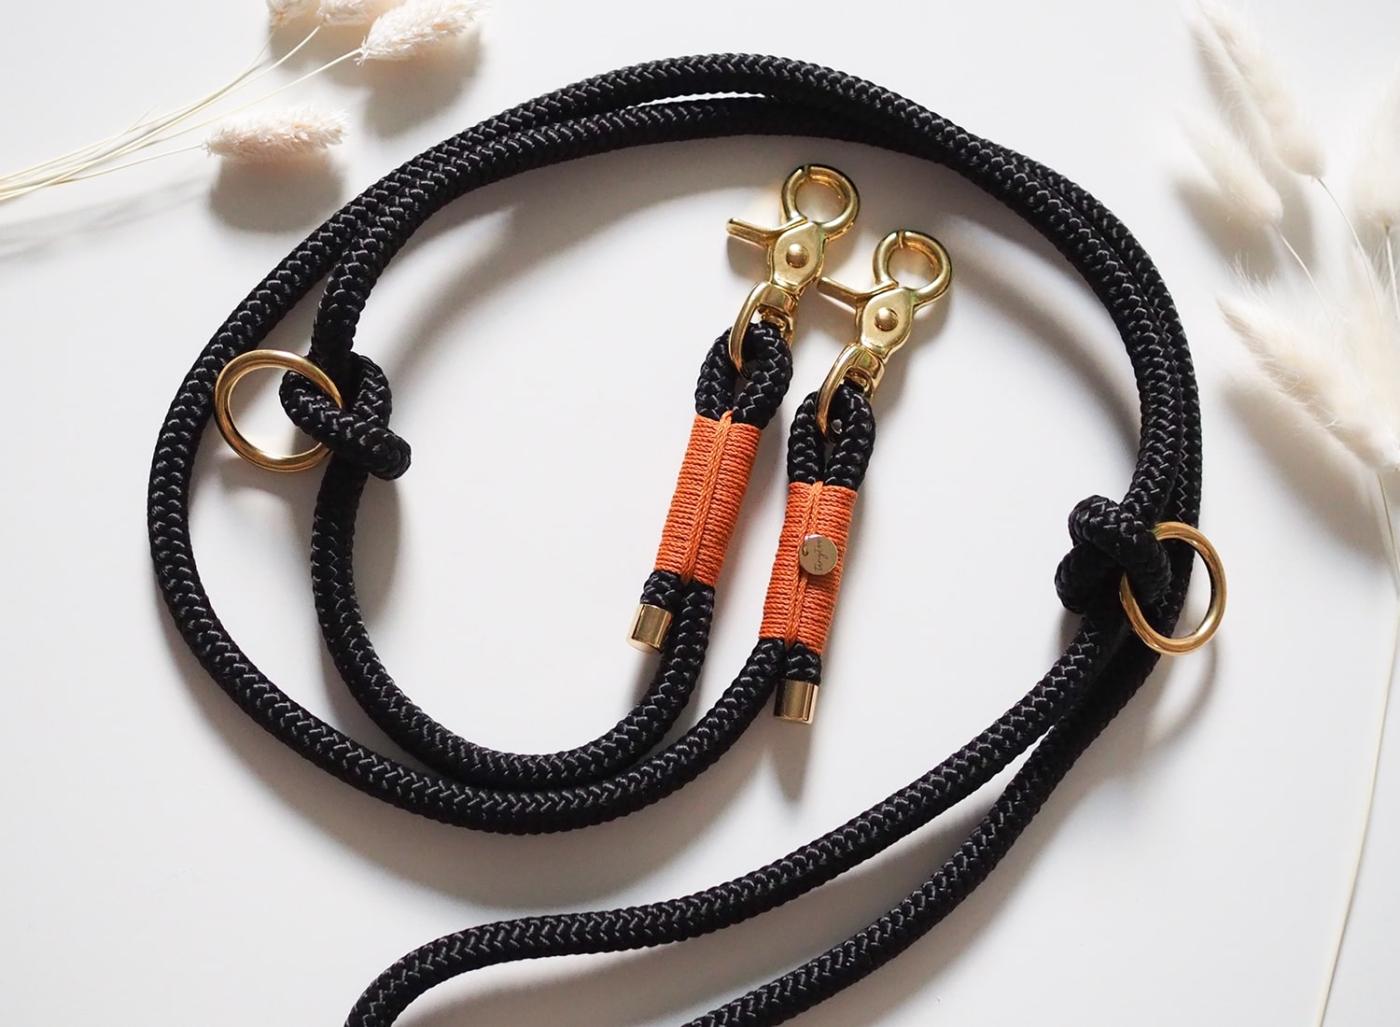 Hundeleine aus Tau in schwarz mit camelfarbenen Details und goldenen Messing-Karabinern.